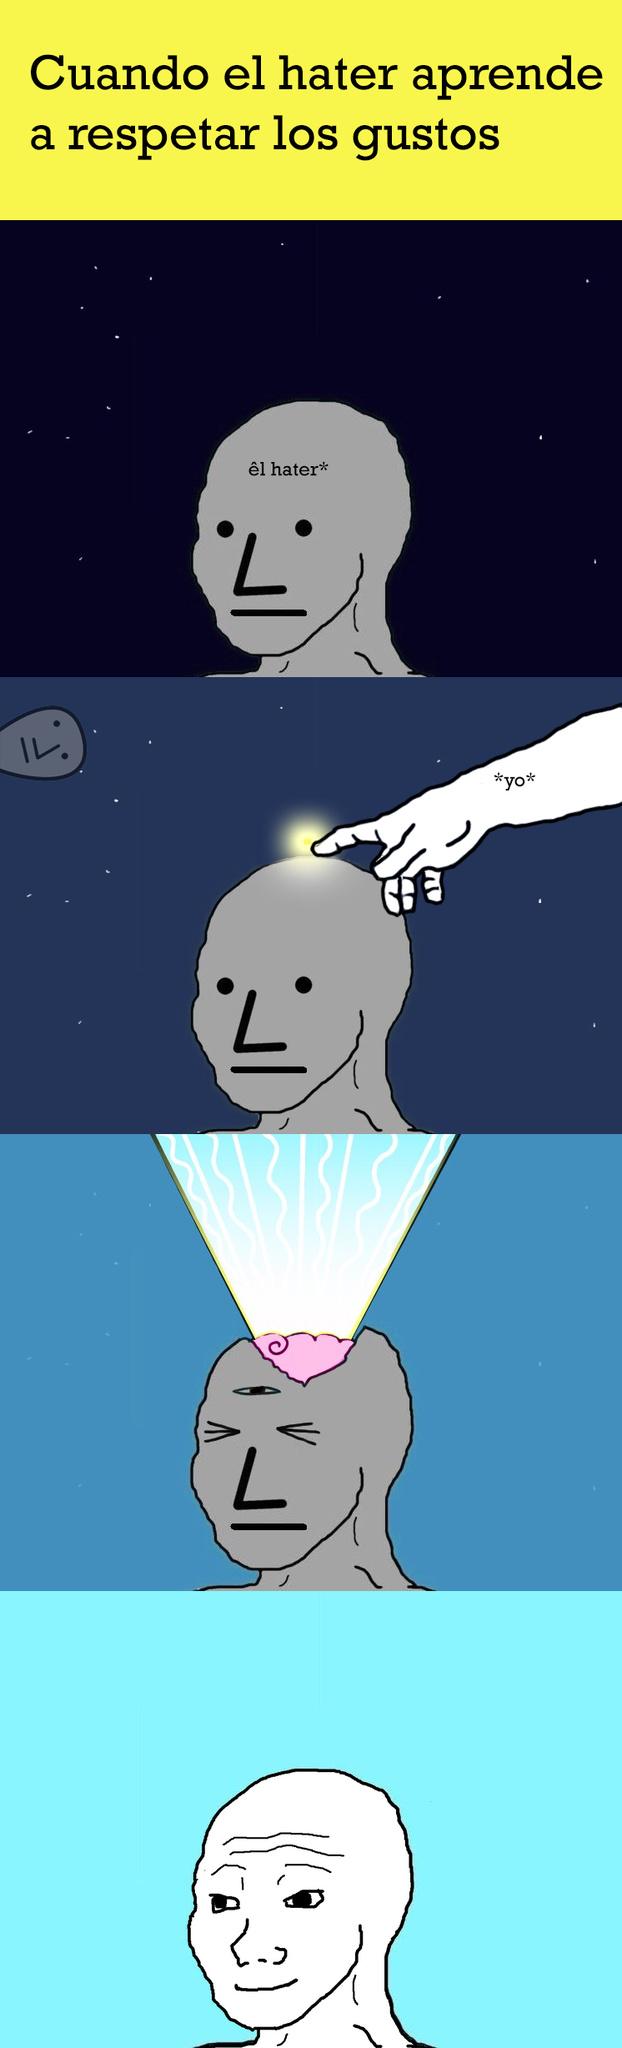 ya hice que 8 haters dejaran de serlo...... de nada mundo - meme